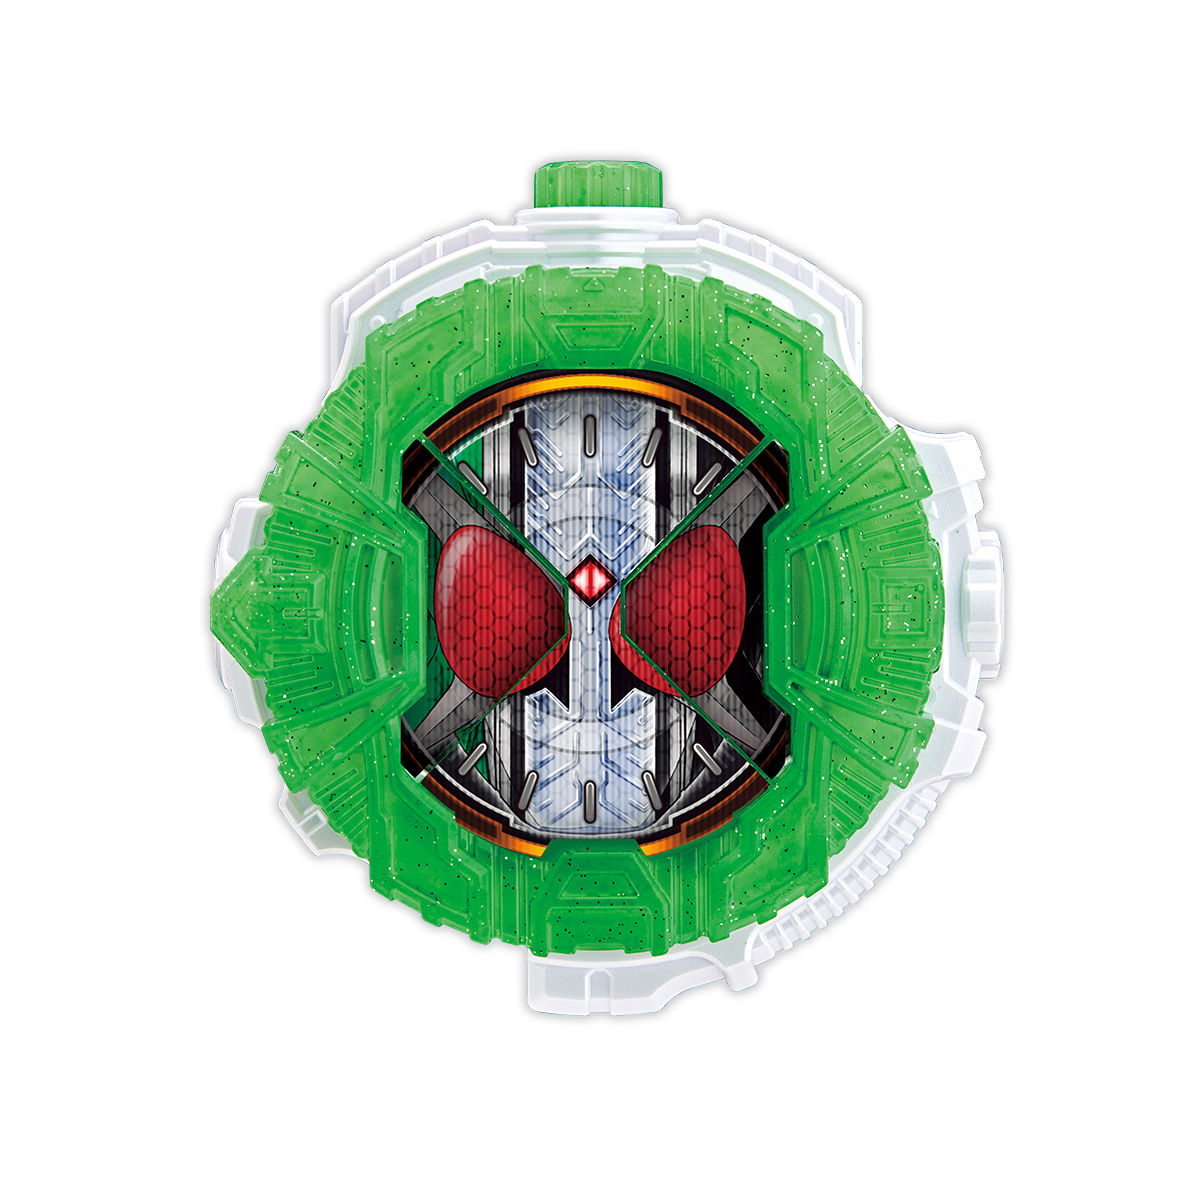 仮面ライダージオウ『DXダブルサイクロンジョーカーエクストリームライドウォッチ』変身なりきり-001